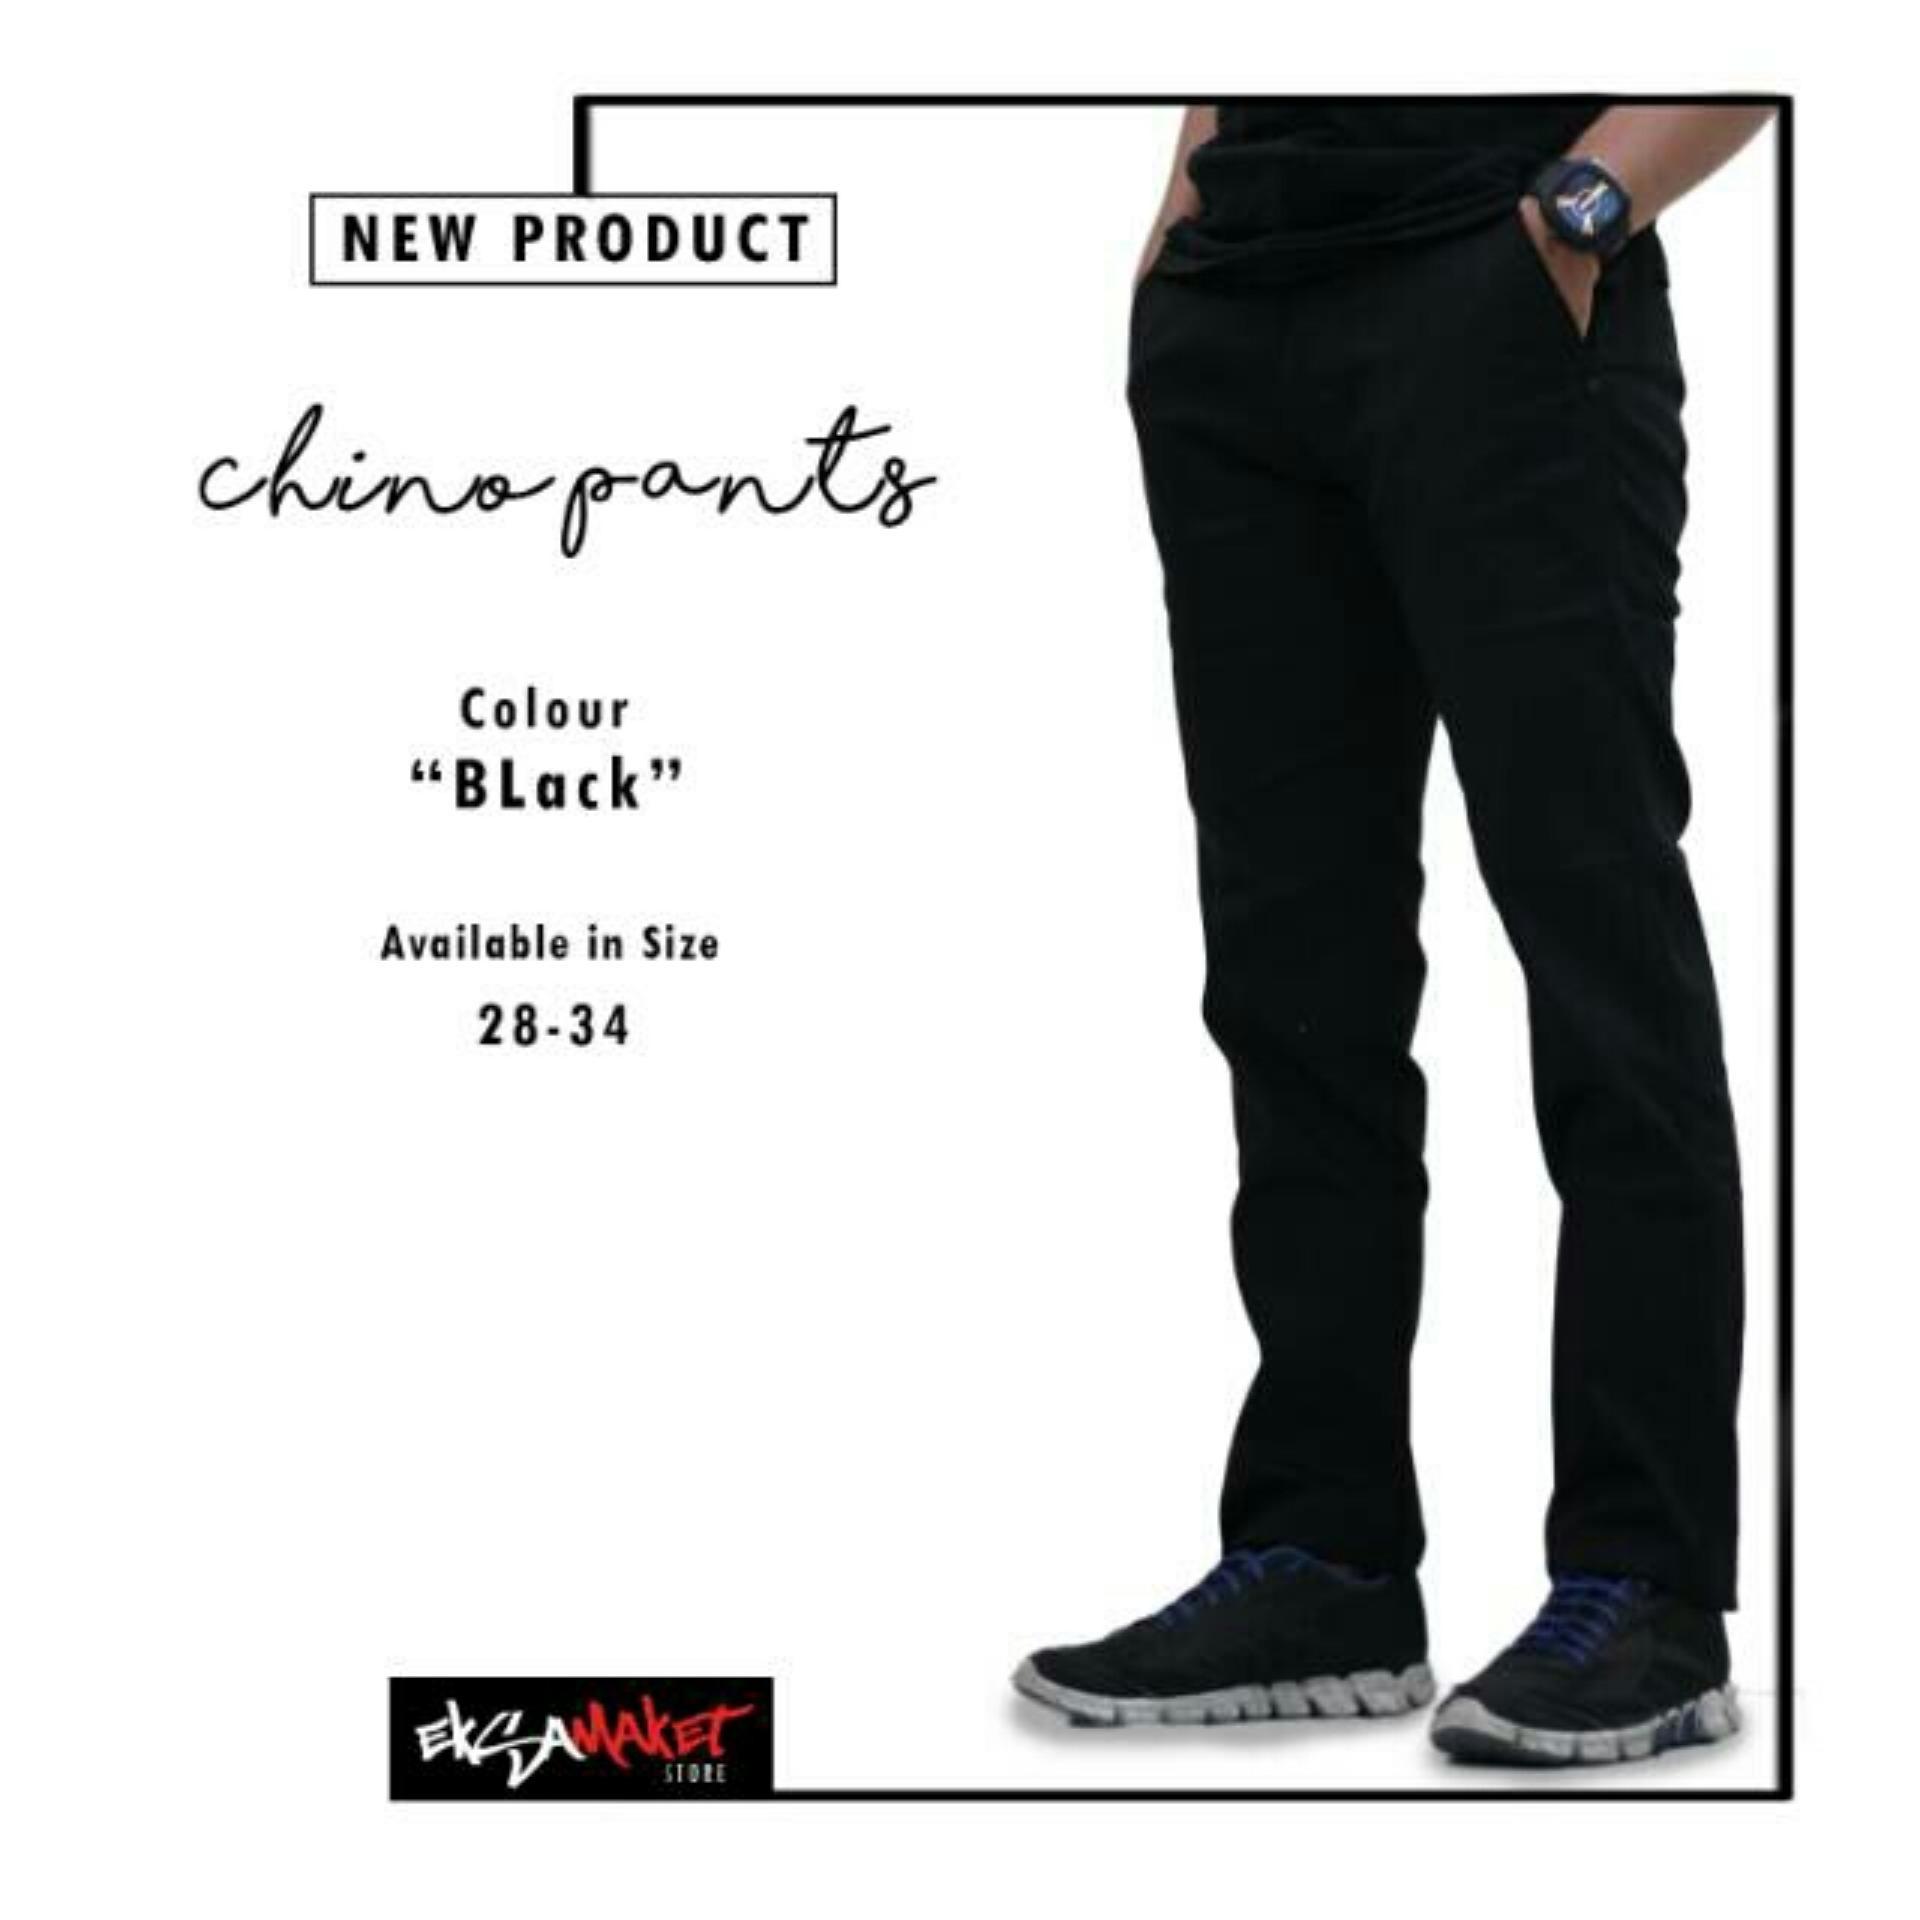 Jual R S Celana Chino Pria Bigsize Celana Chino Pria Ukuran Besar Online Di Indonesia